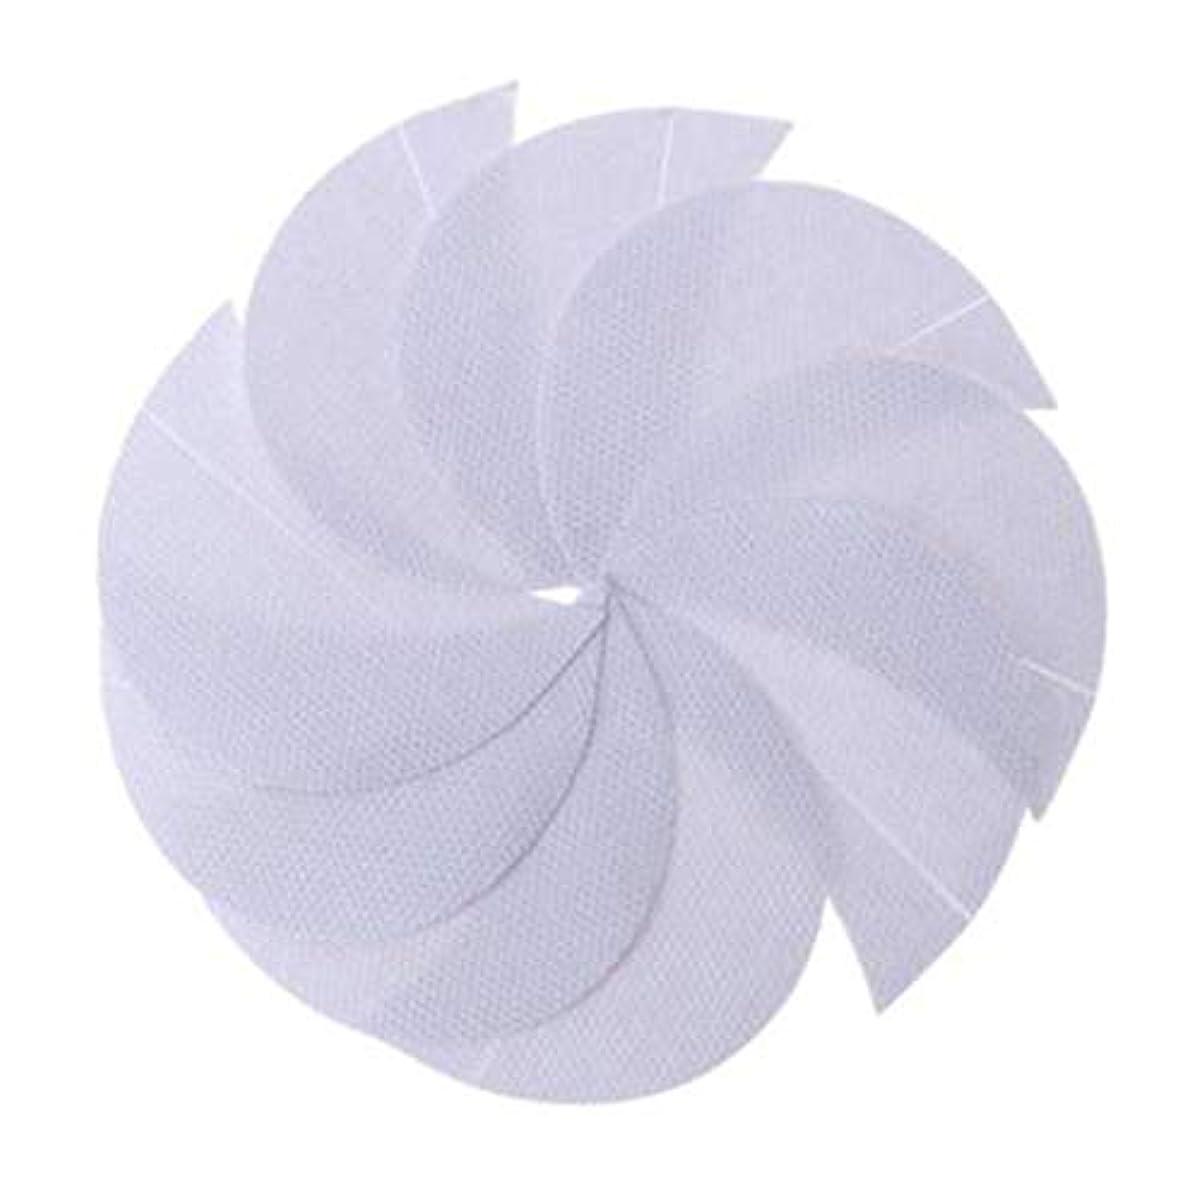 知人蒸気ラジエーターRabugogo 100個/袋不織布アイシャドーシールドアイシャドージェルパッドパッチアイシャドーステンシル防止まつげエクステ化粧品残留物